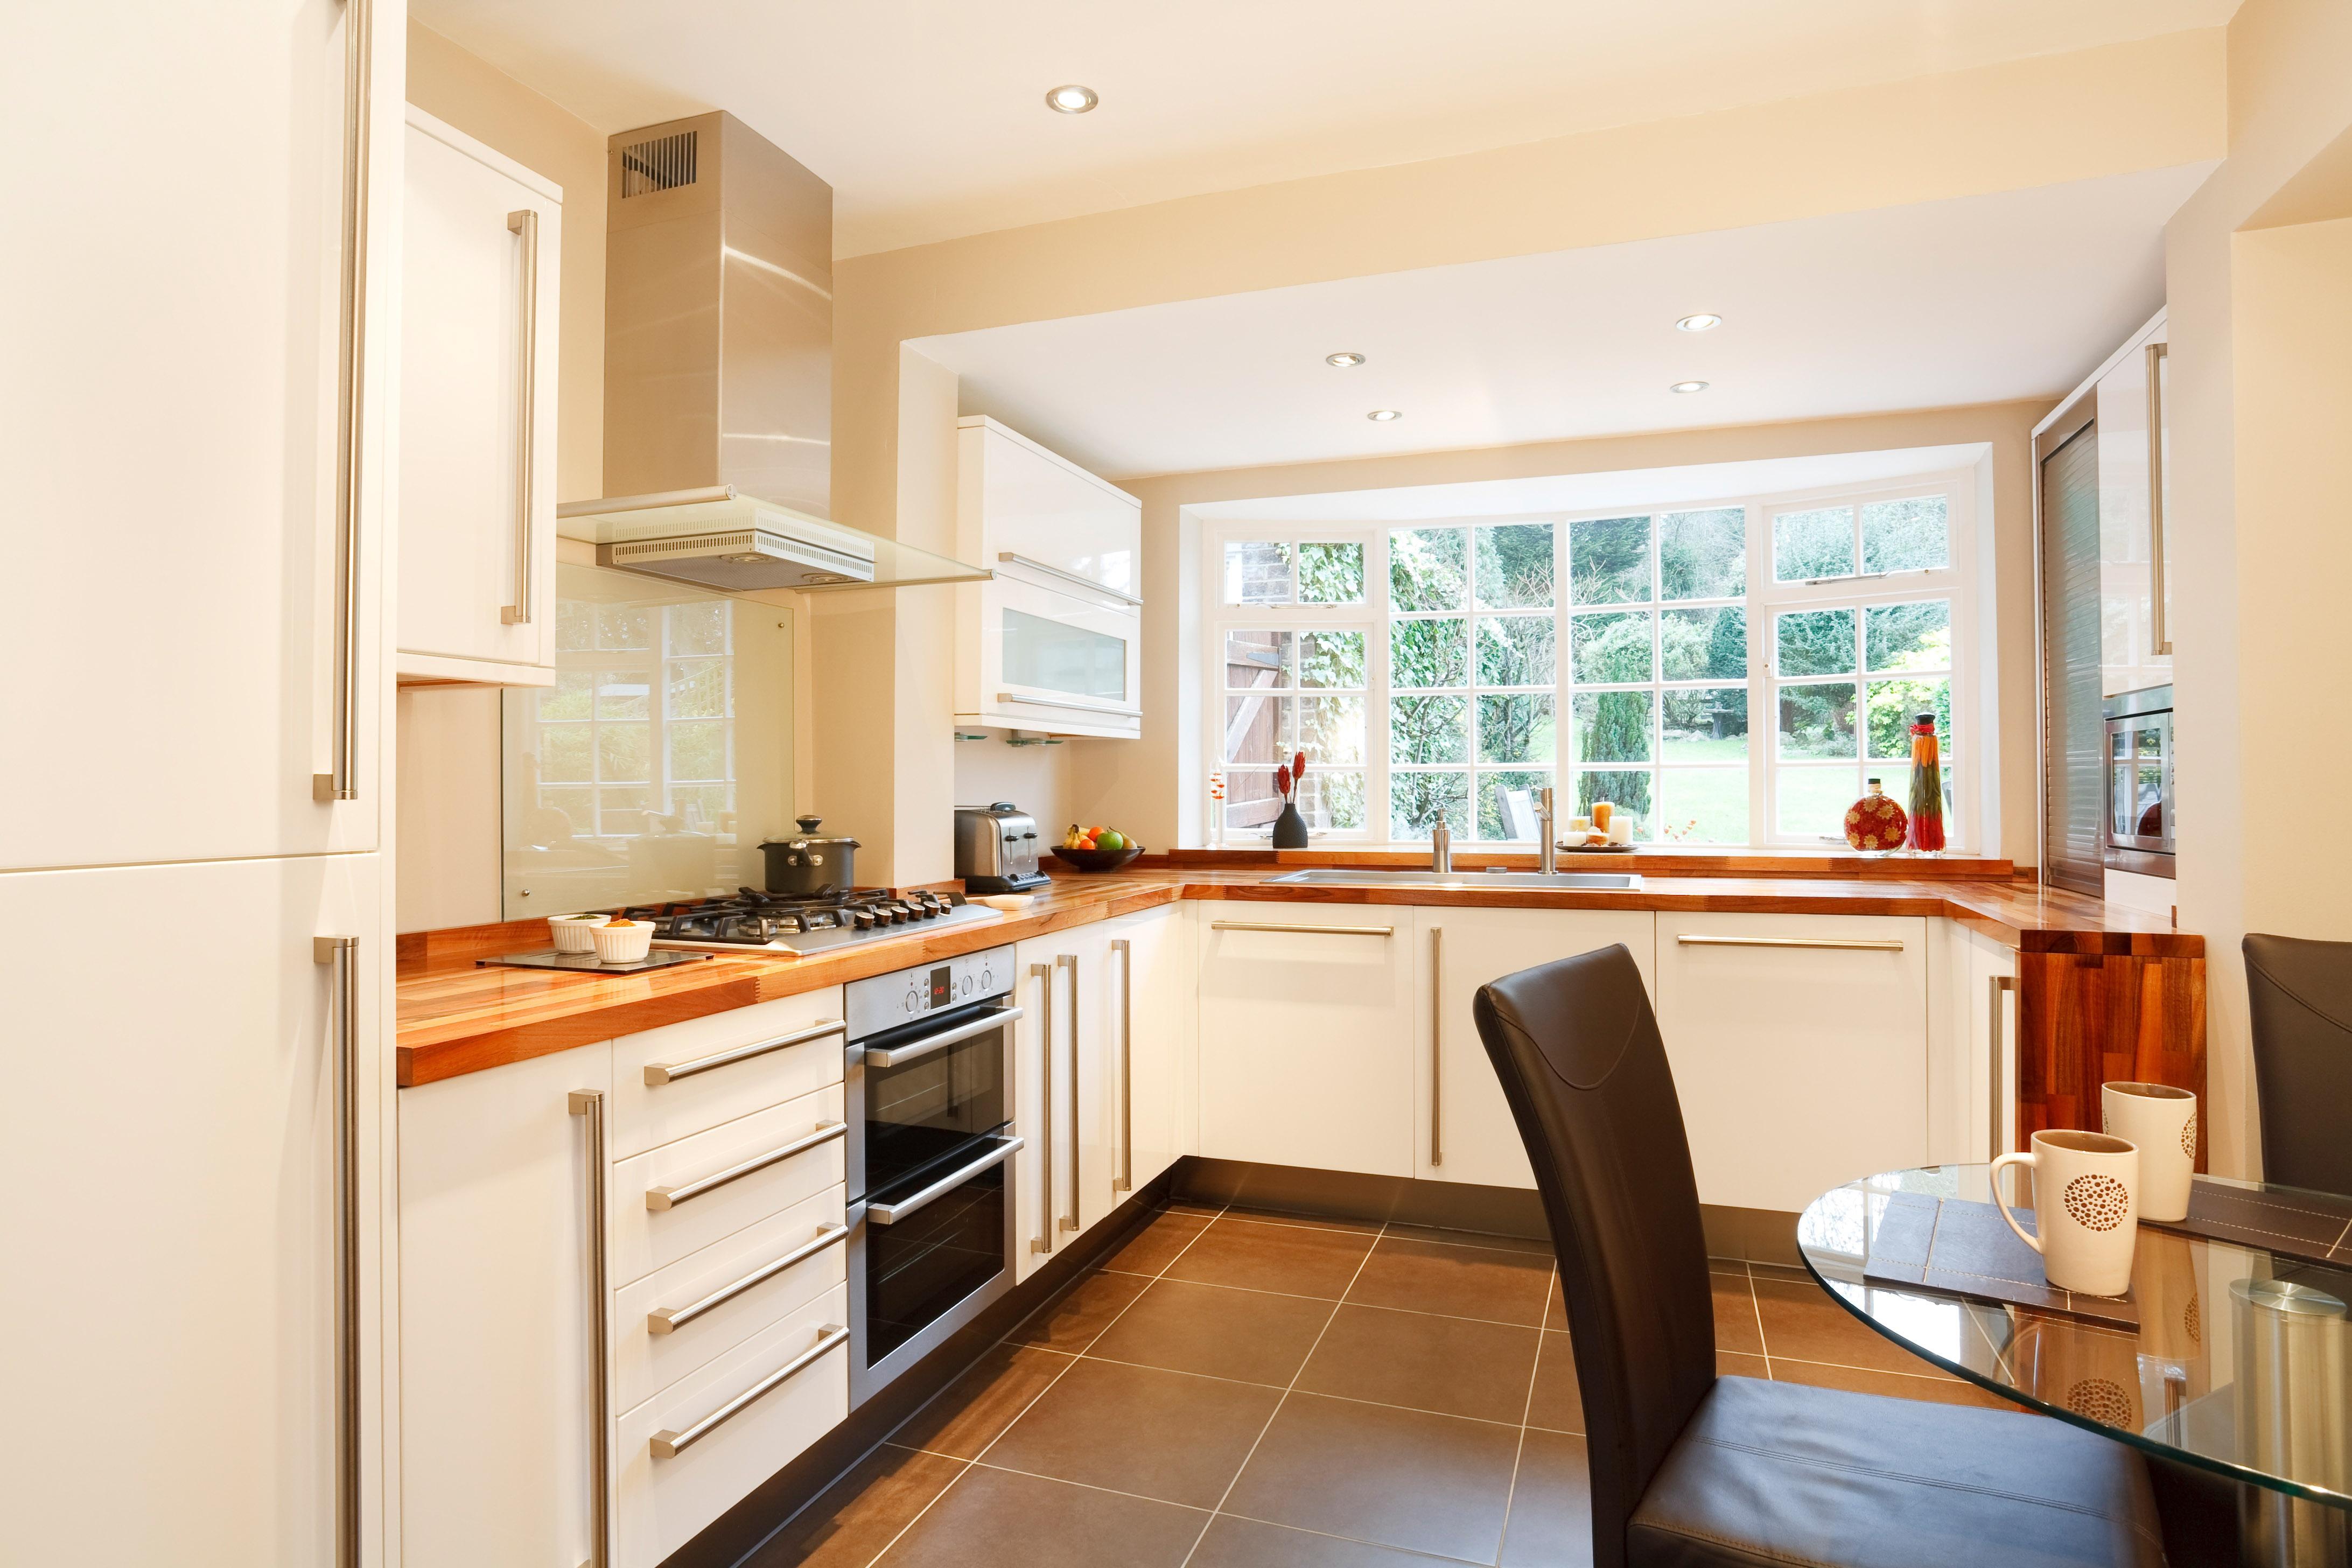 Кухня прямоугольная маленькая дизайн